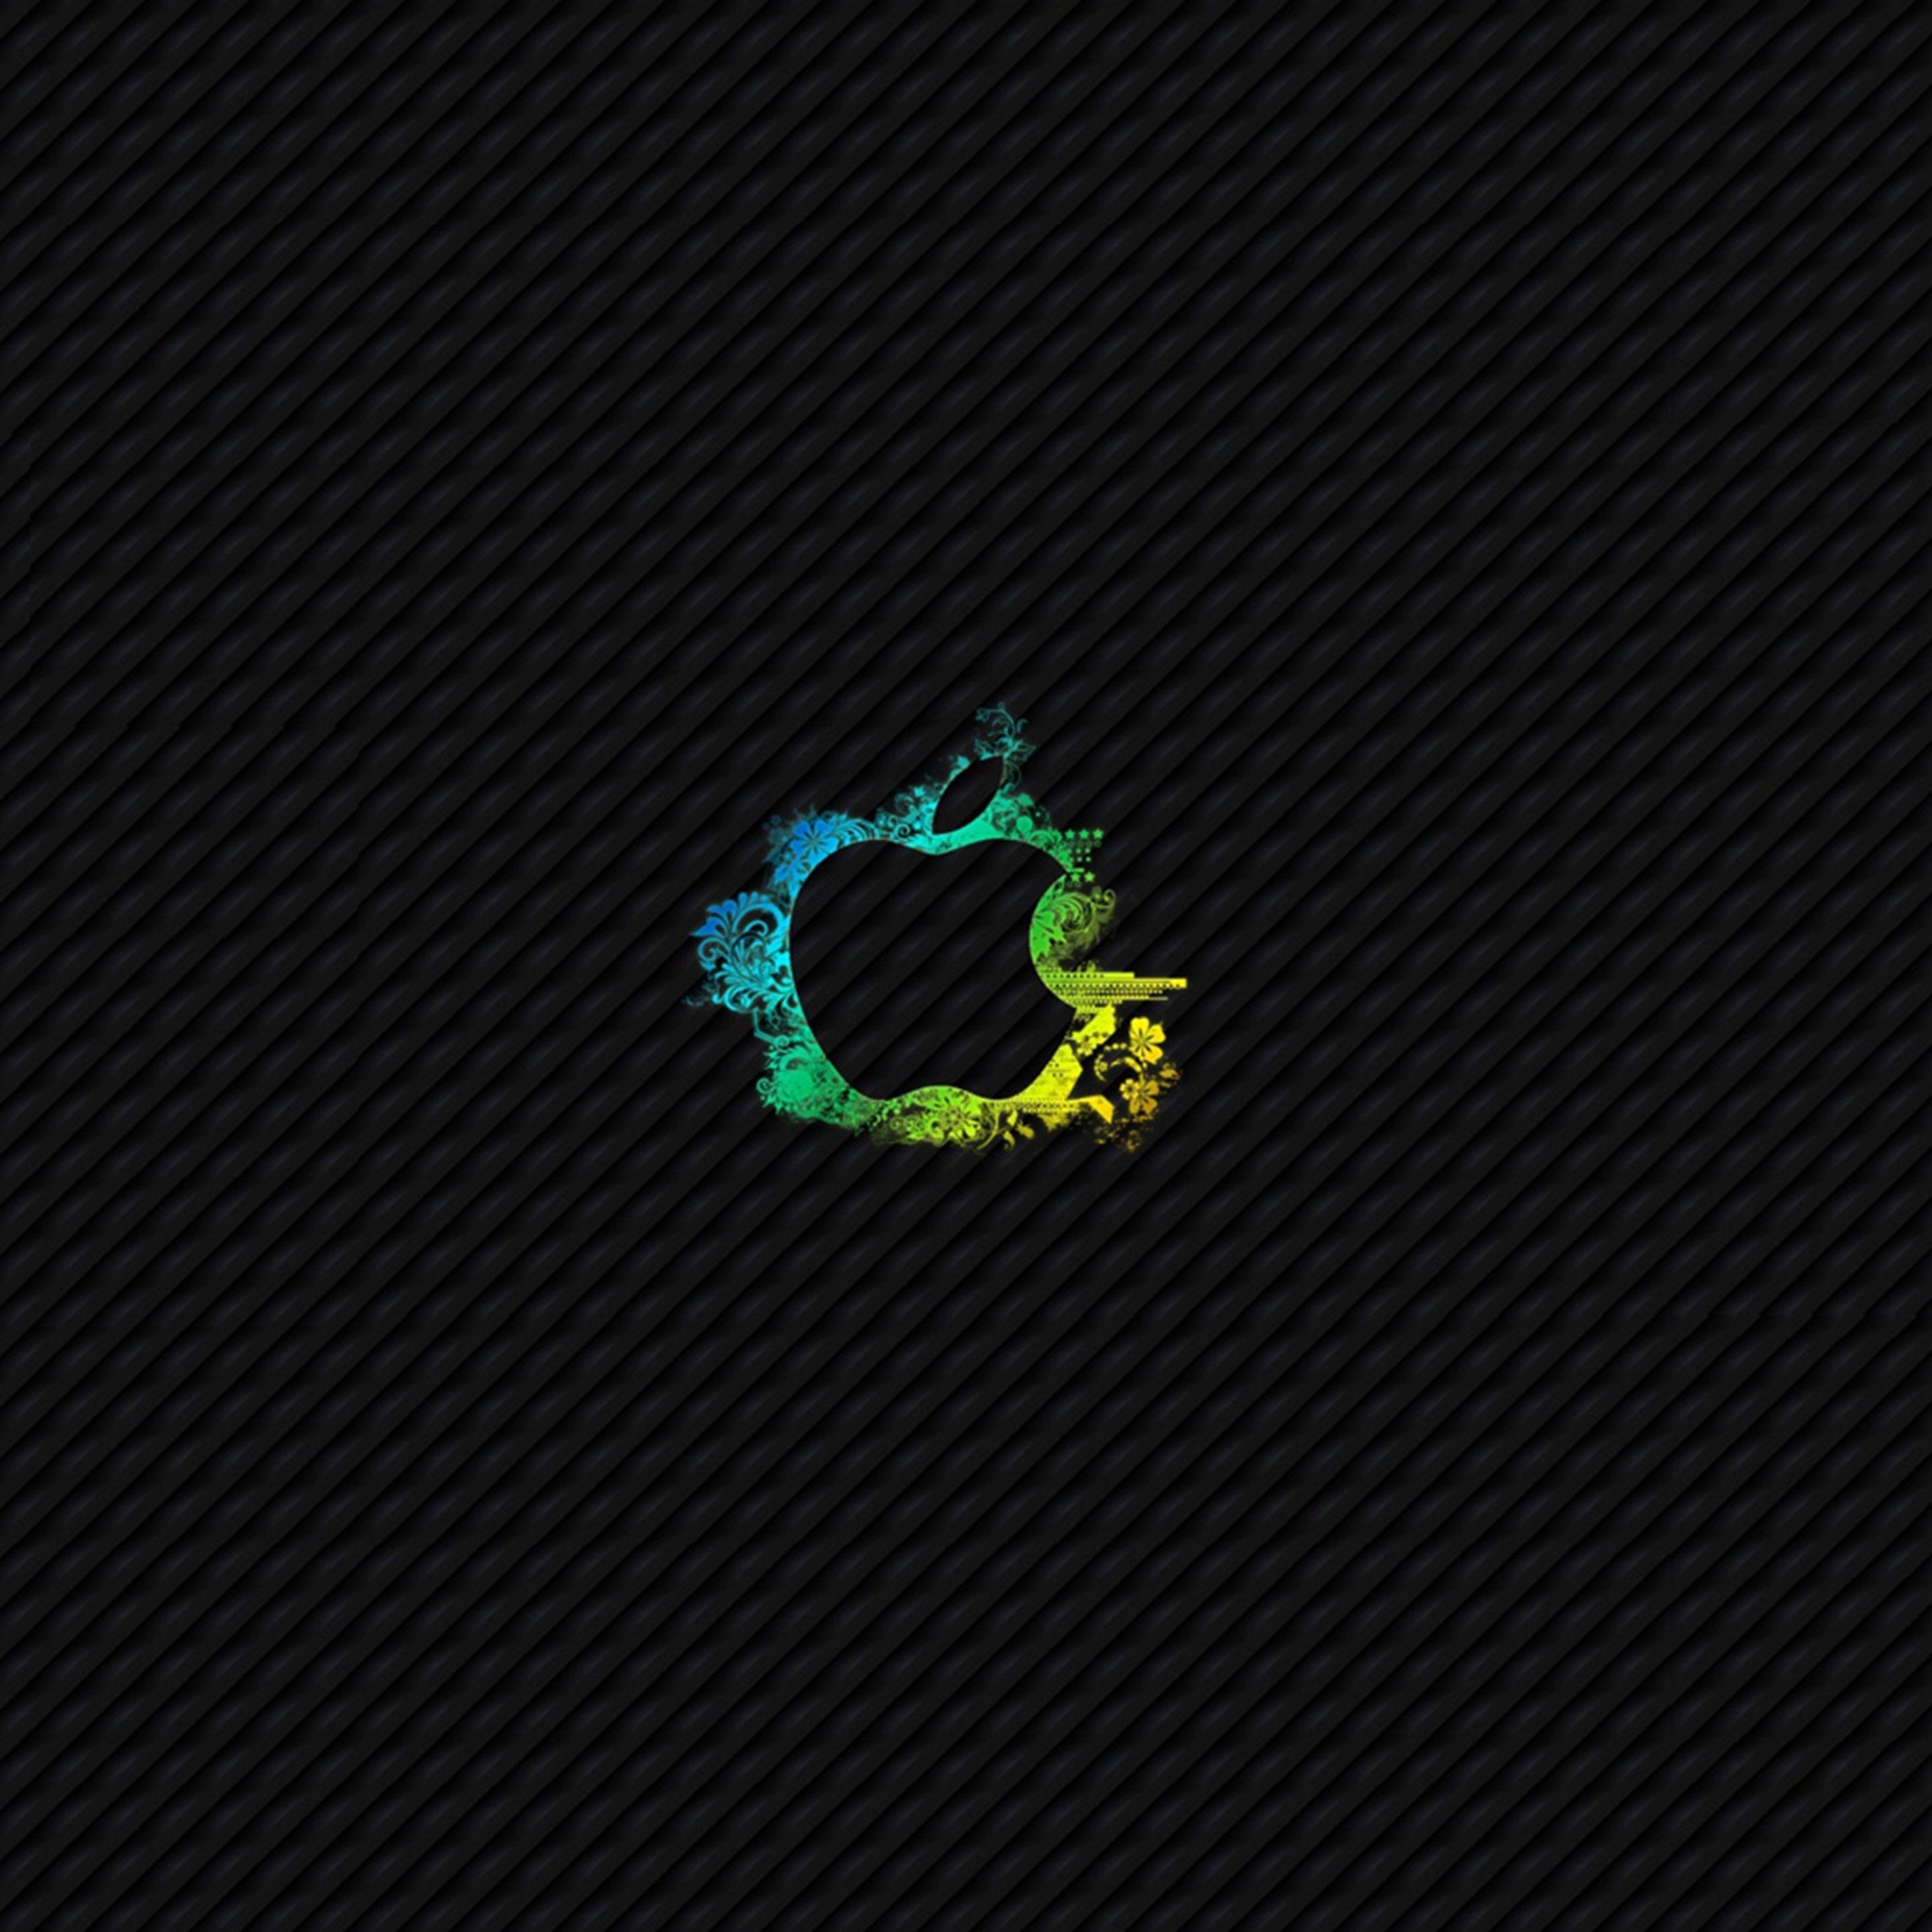 2932x2932 iPad Pro wallpaper 4k Apple Wallpaper Ipad Wallpaper 2932x2932 pixels resolution